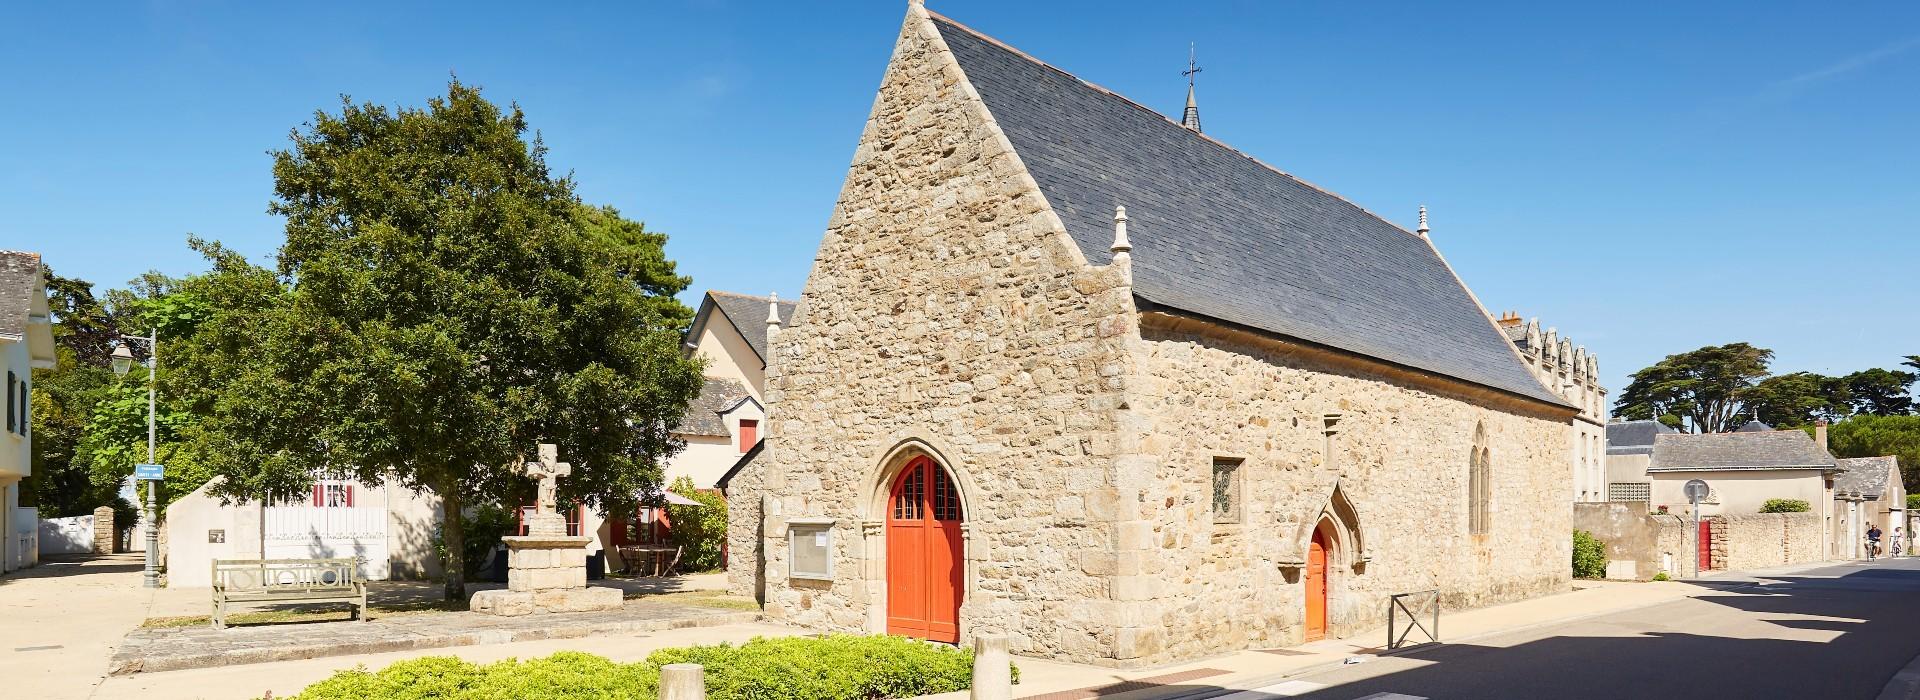 L'Art au gré des Chapelles en presqu'île de Guérande 2021